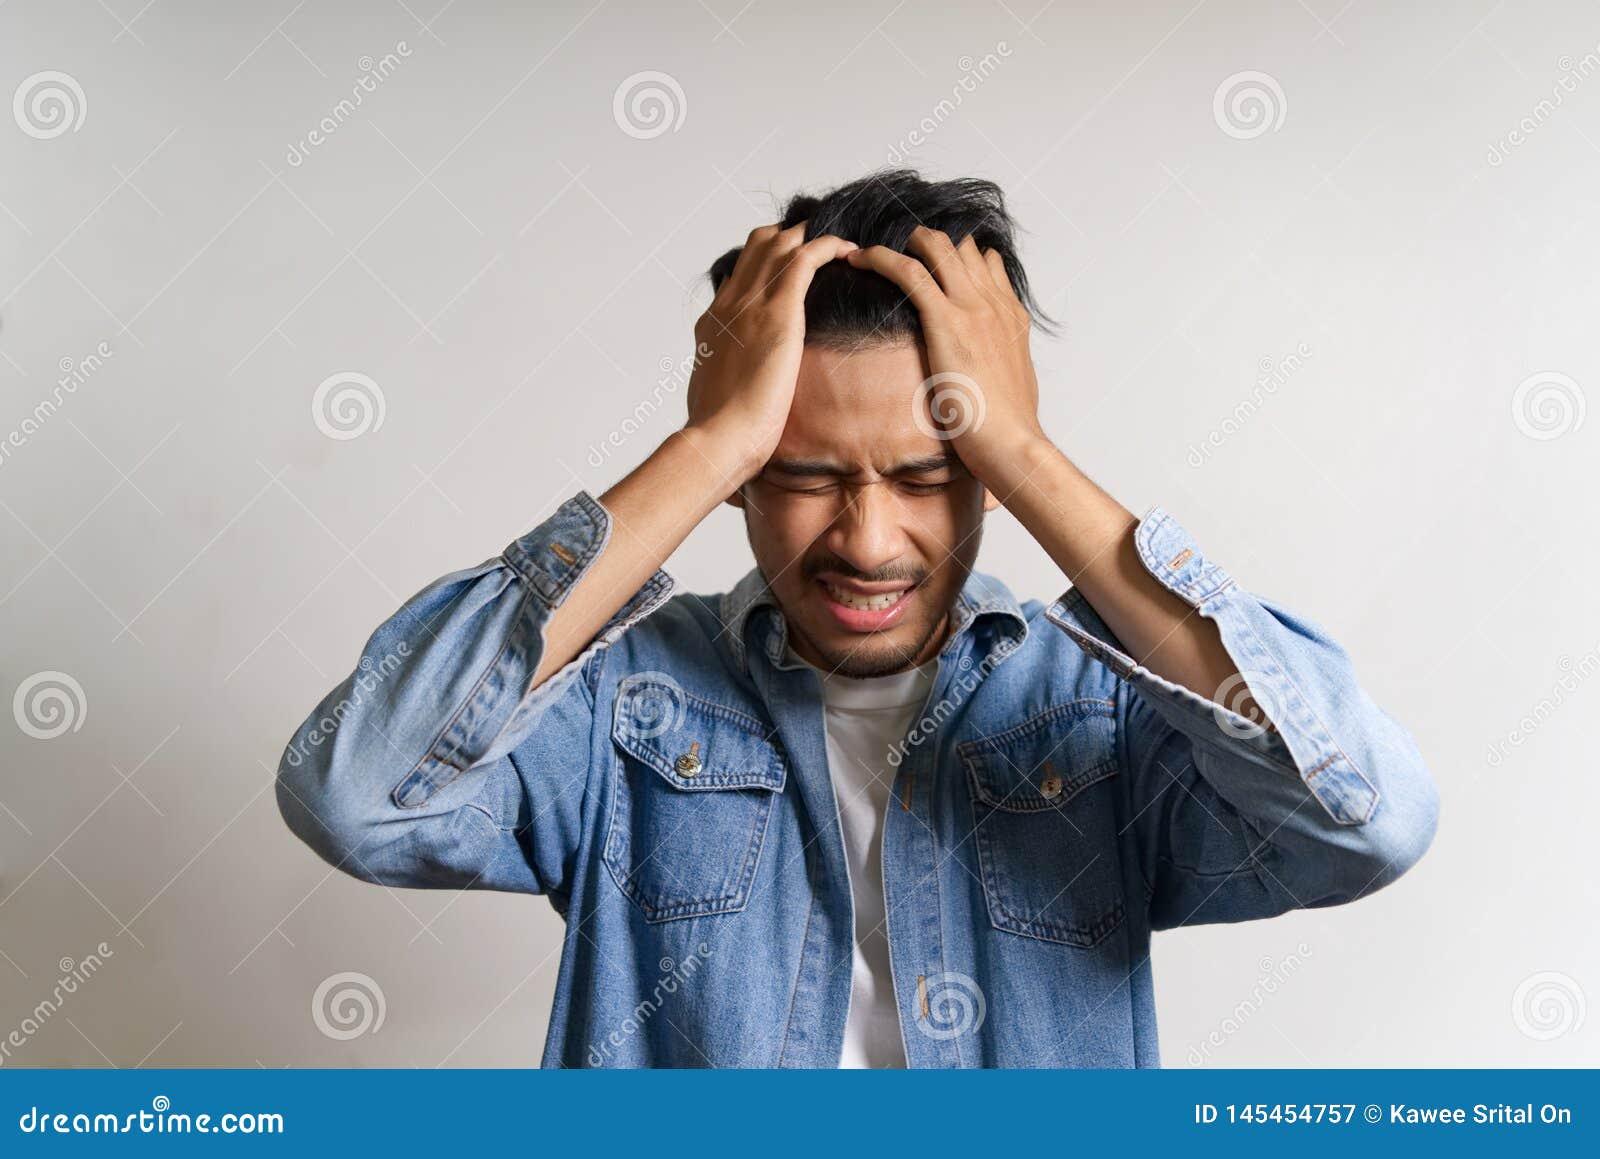 Den unga asiatiska mannen satte händer till hans huvud Honom sjuk känsla och huvudvärk tack vare som har några problem Hans s